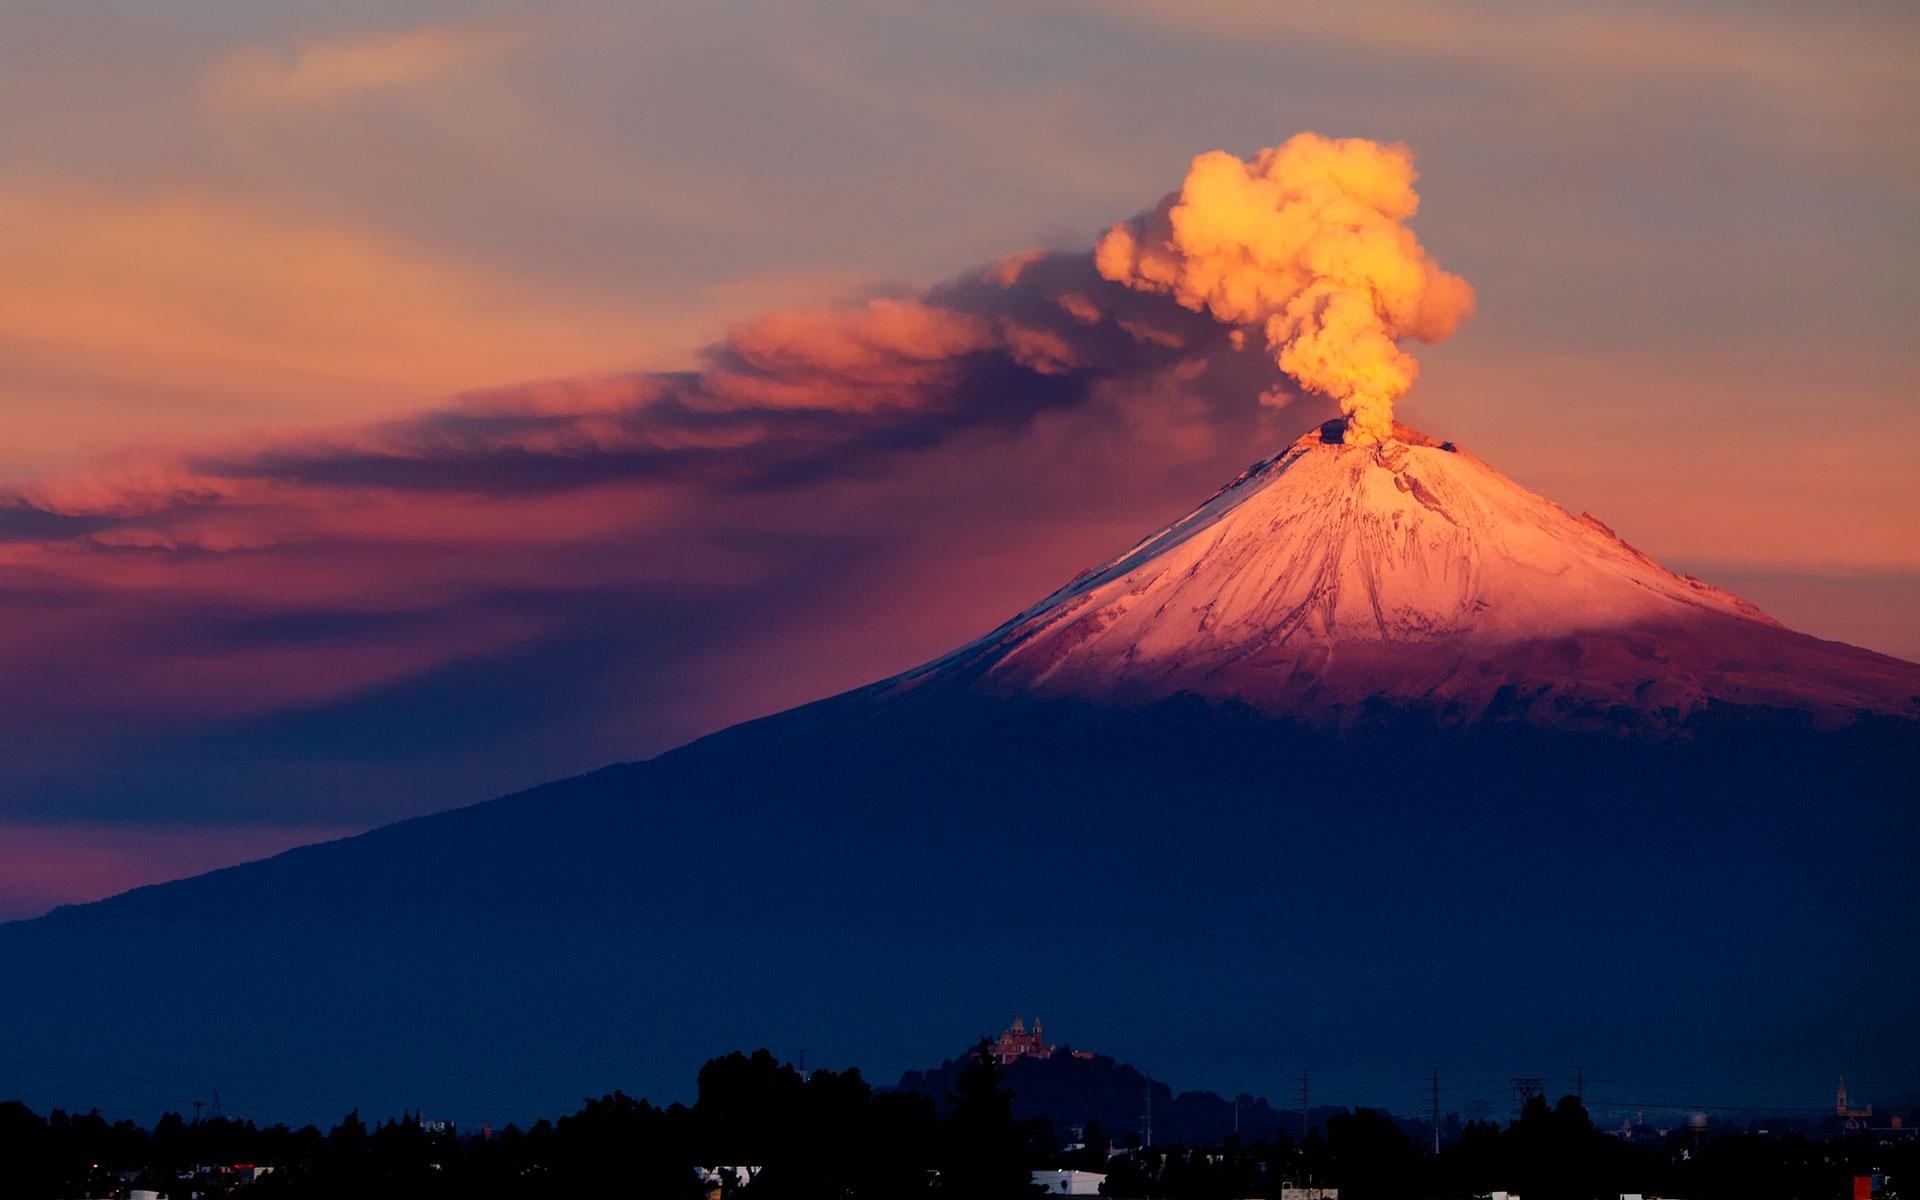 México se destaca por la fuerte presencia de fenómenos sísmicos al situarse entre varias placas tectónicas muy activas